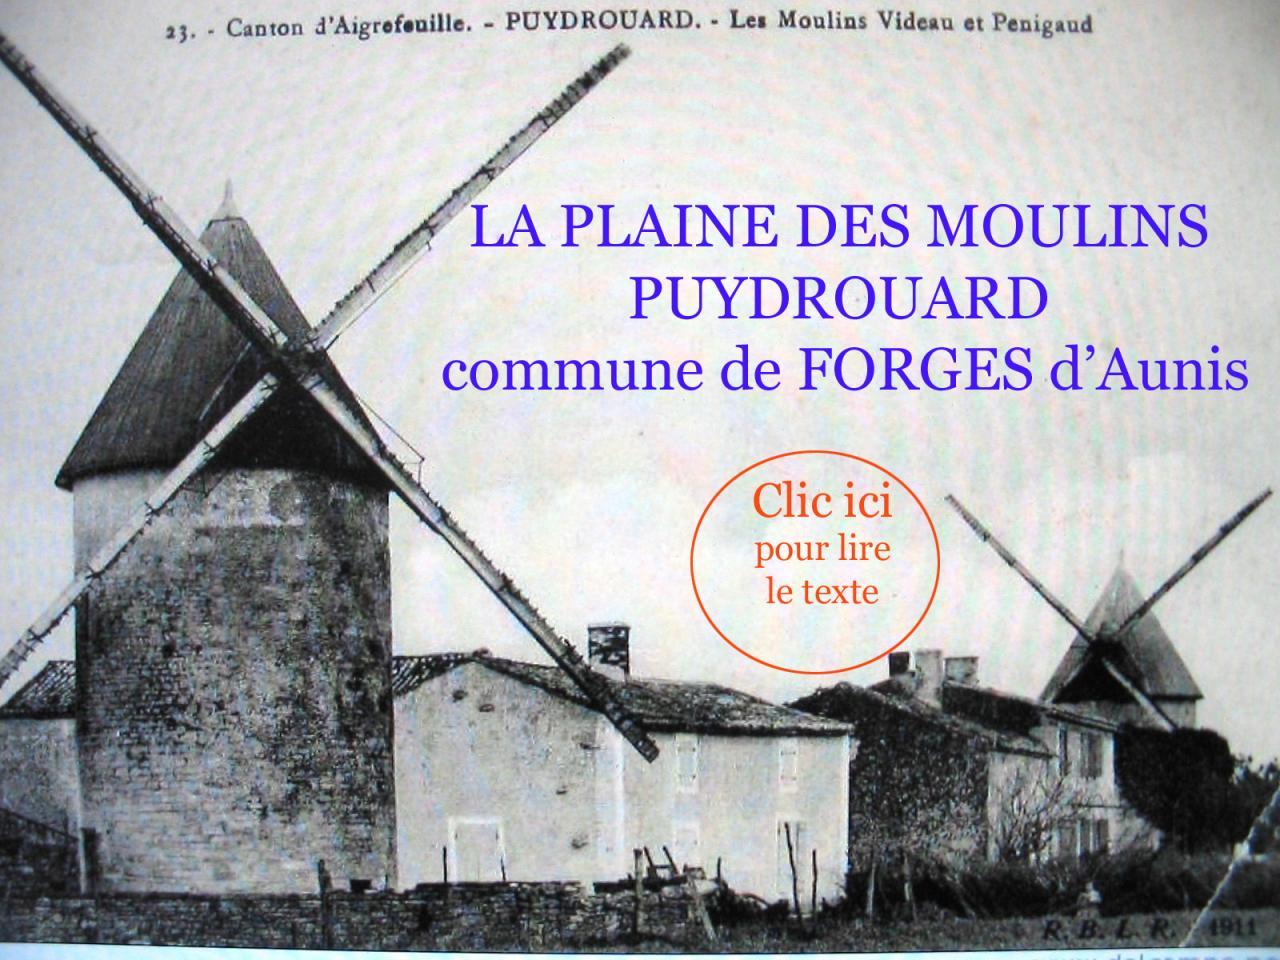 clic-plaine-moulins.jpg